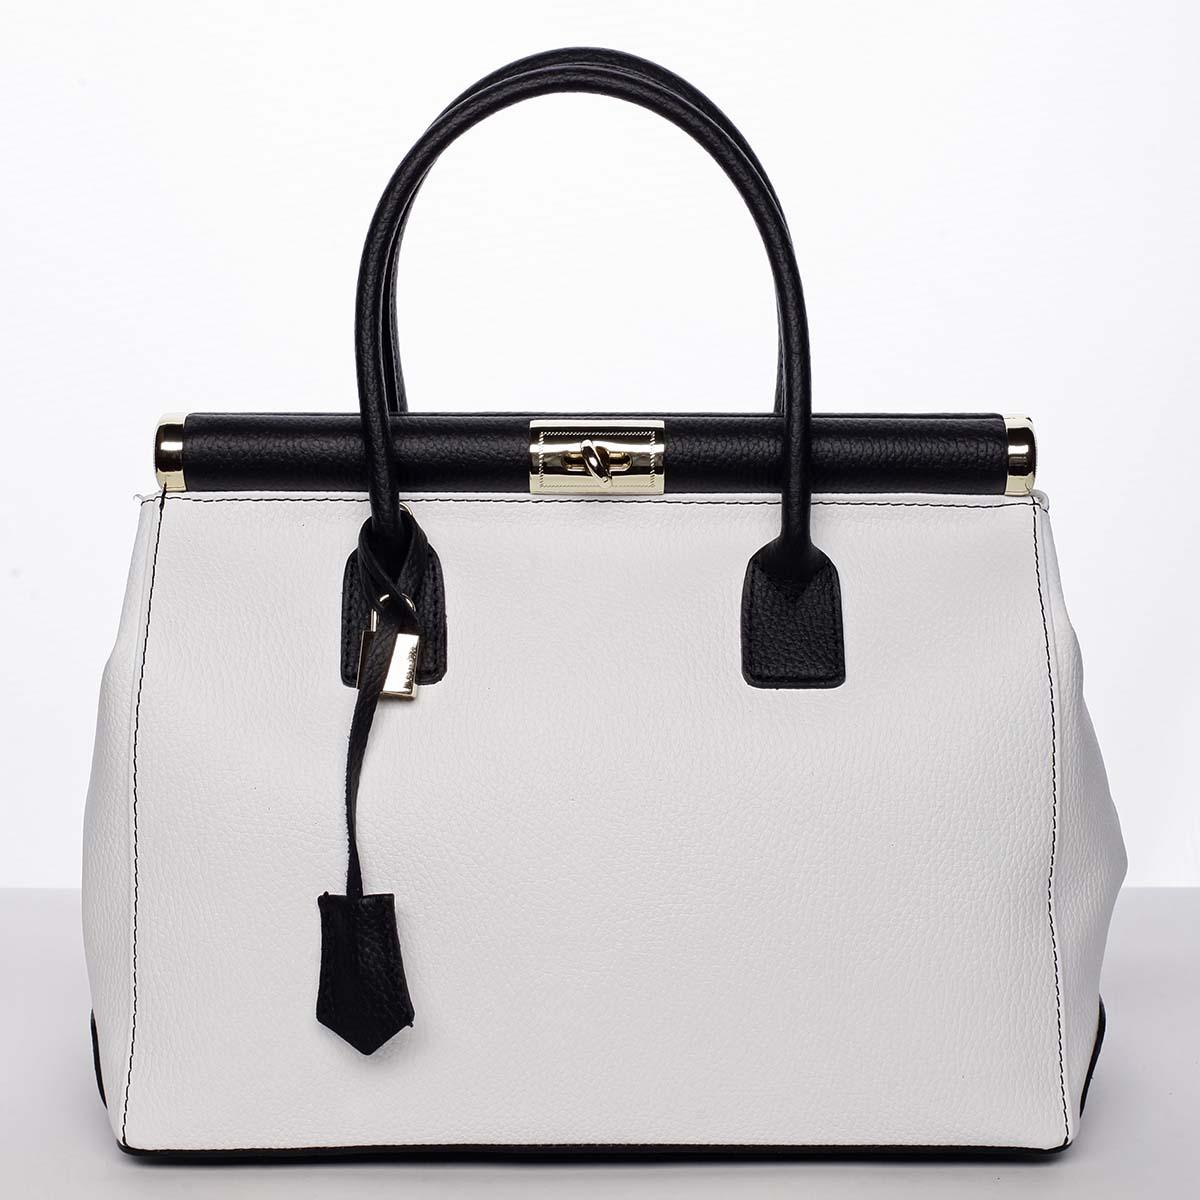 Originálna módna dámska kožená kabelka do ruky biela - ItalY Hila biela